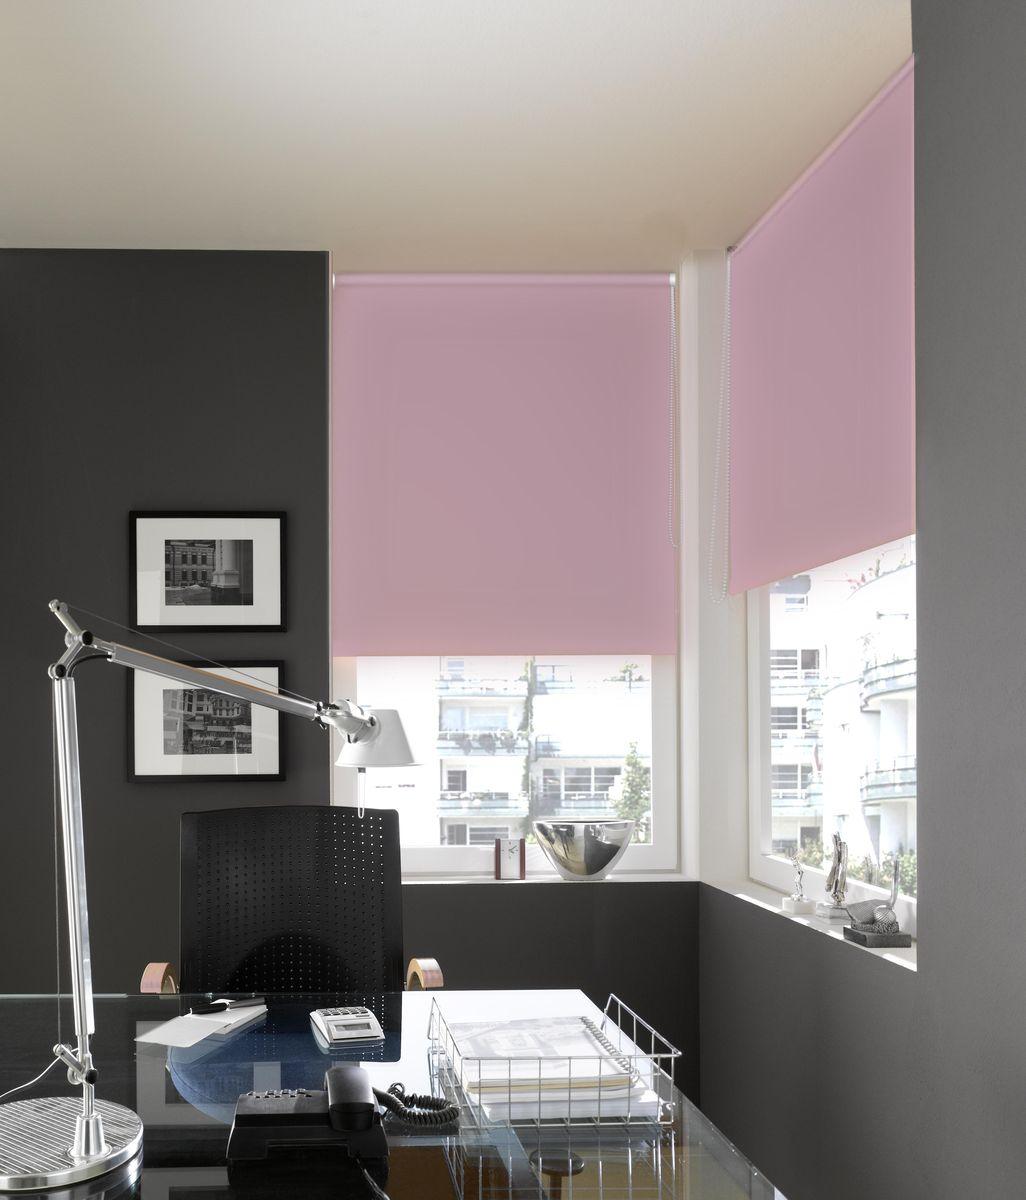 Штора рулонная Эскар Миниролло. Blackout, светонепроницаемая, цвет: розовый кварц, ширина 98 см, высота 170 см34933098170Рулонными шторамиЭскар Миниролло. Blackout можно оформлять окна как самостоятельно, так и использовать в комбинации с портьерами. Это поможет предотвратить выгорание дорогой ткани на солнце и соединит функционал рулонных с красотой навесных. Преимущества применения рулонных штор для пластиковых окон: - имеют прекрасный внешний вид: многообразие и фактурность материала изделия отлично смотрятся в любом интерьере;- многофункциональны: есть возможность подобрать шторы способные эффективно защитить комнату от солнца, при этом она не будет слишком темной;- есть возможность осуществить быстрый монтаж.ВНИМАНИЕ! Размеры ширины изделия указаны по ширине ткани! Во время эксплуатации не рекомендуется полностью разматывать рулон, чтобы не оторвать ткань от намоточного вала. В случае загрязнения поверхности ткани, чистку шторы проводят одним из способов, в зависимости от типа загрязнения:легкое поверхностное загрязнение можно удалить при помощи канцелярского ластика;чистка от пыли производится сухим методом при помощи пылесоса с мягкой щеткой-насадкой;для удаления пятна используйте мягкую губку с пенообразующим неагрессивным моющим средством или пятновыводитель на натуральной основе (нельзя применять растворители).